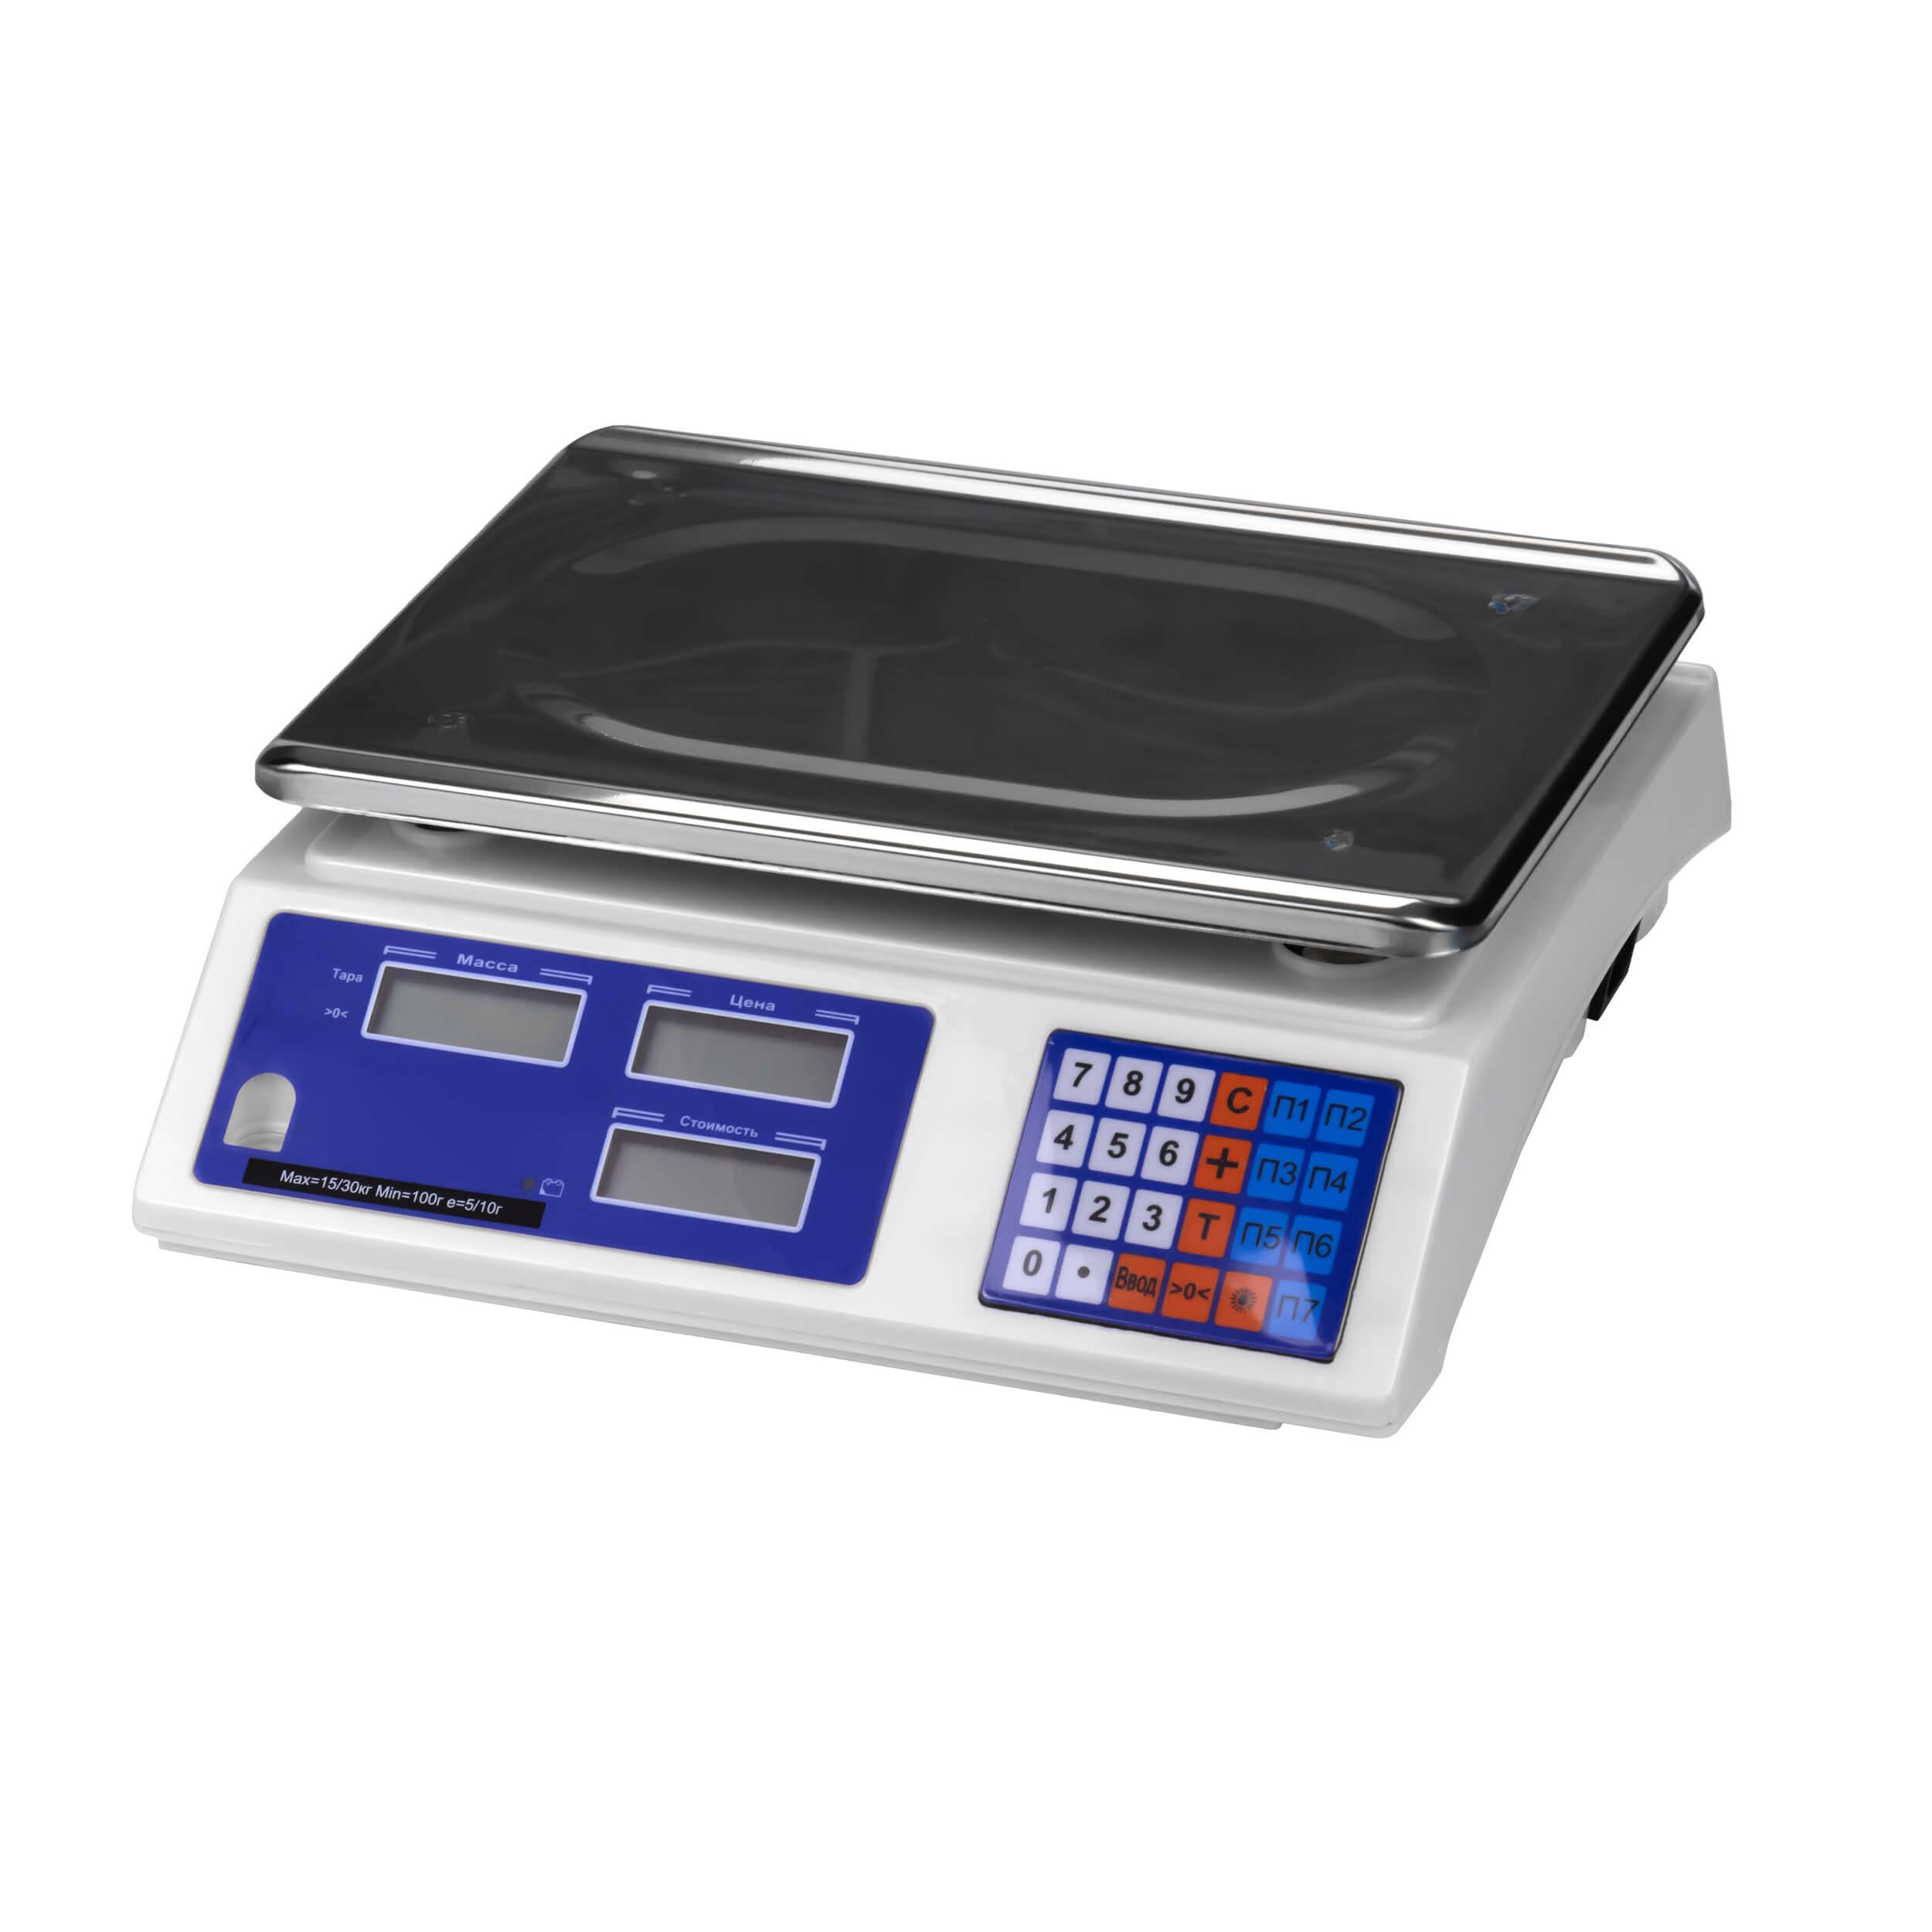 Весы настольные электронные МЖА-30-2 (до 30 кг) фото